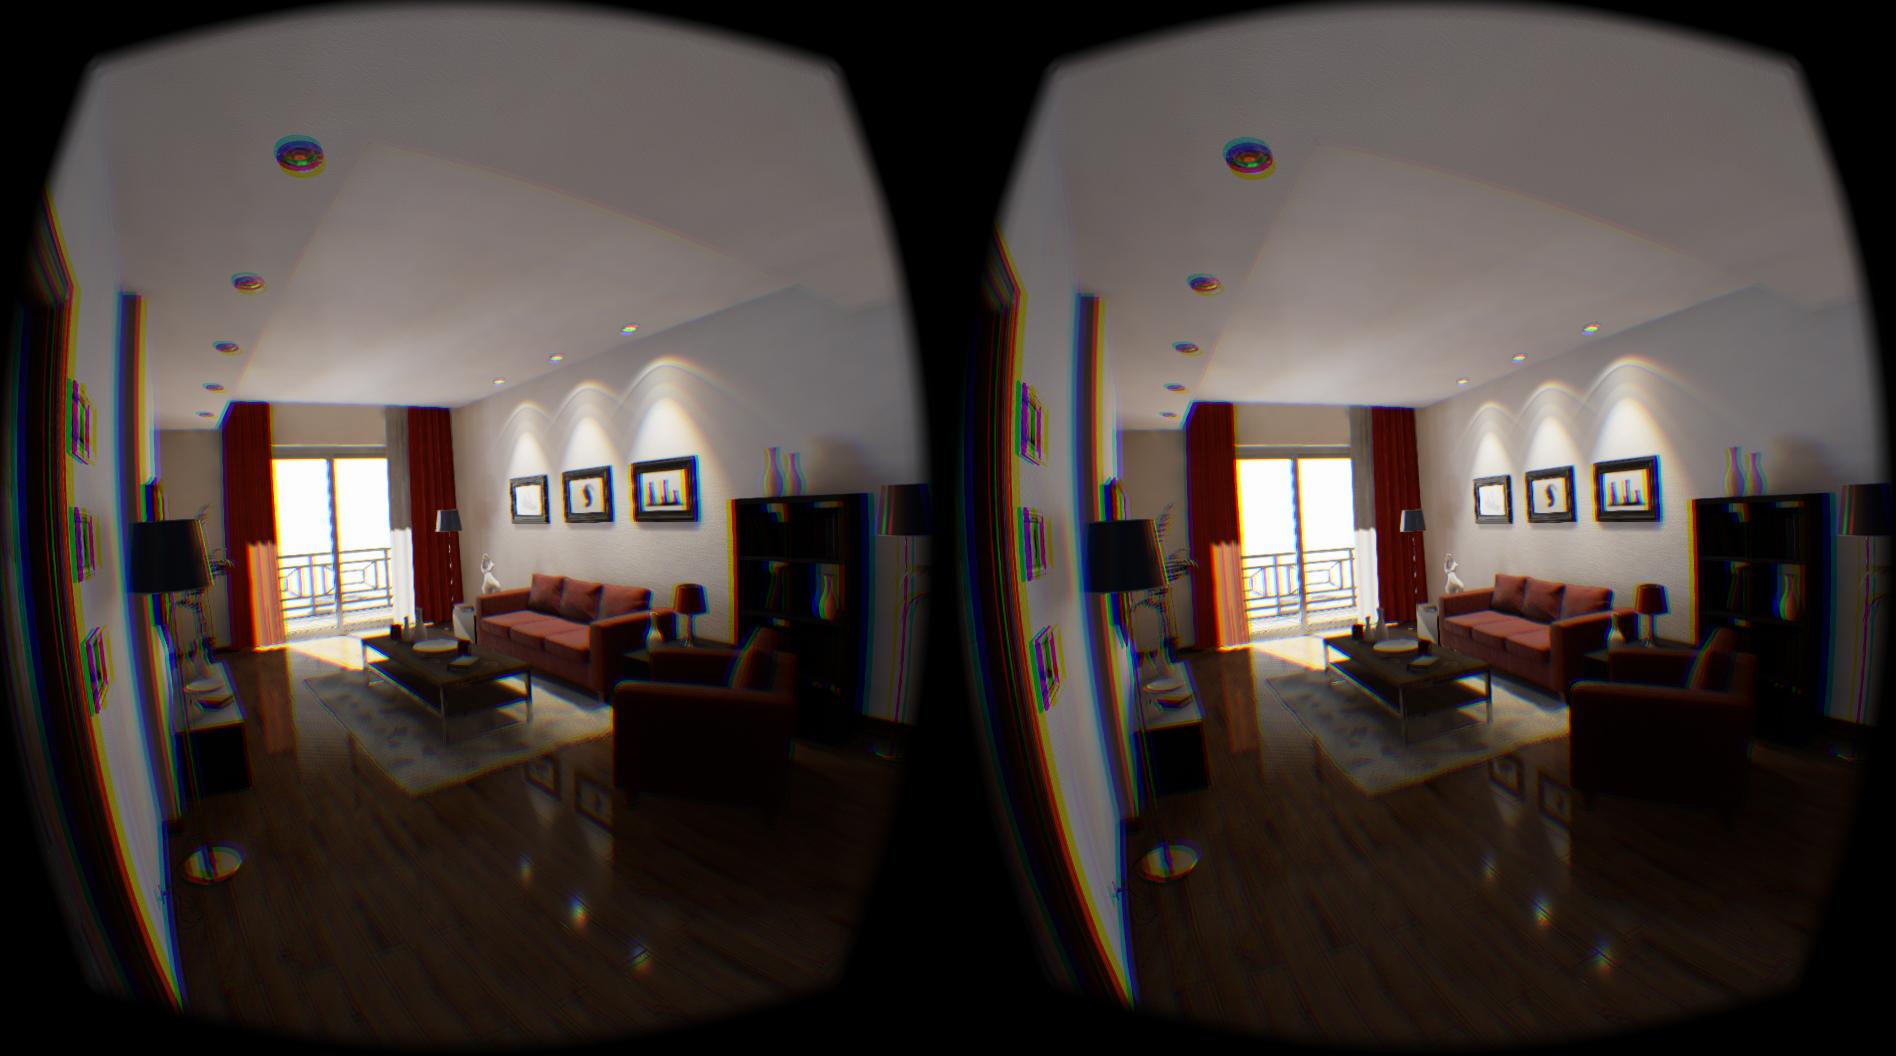 VR in UE4